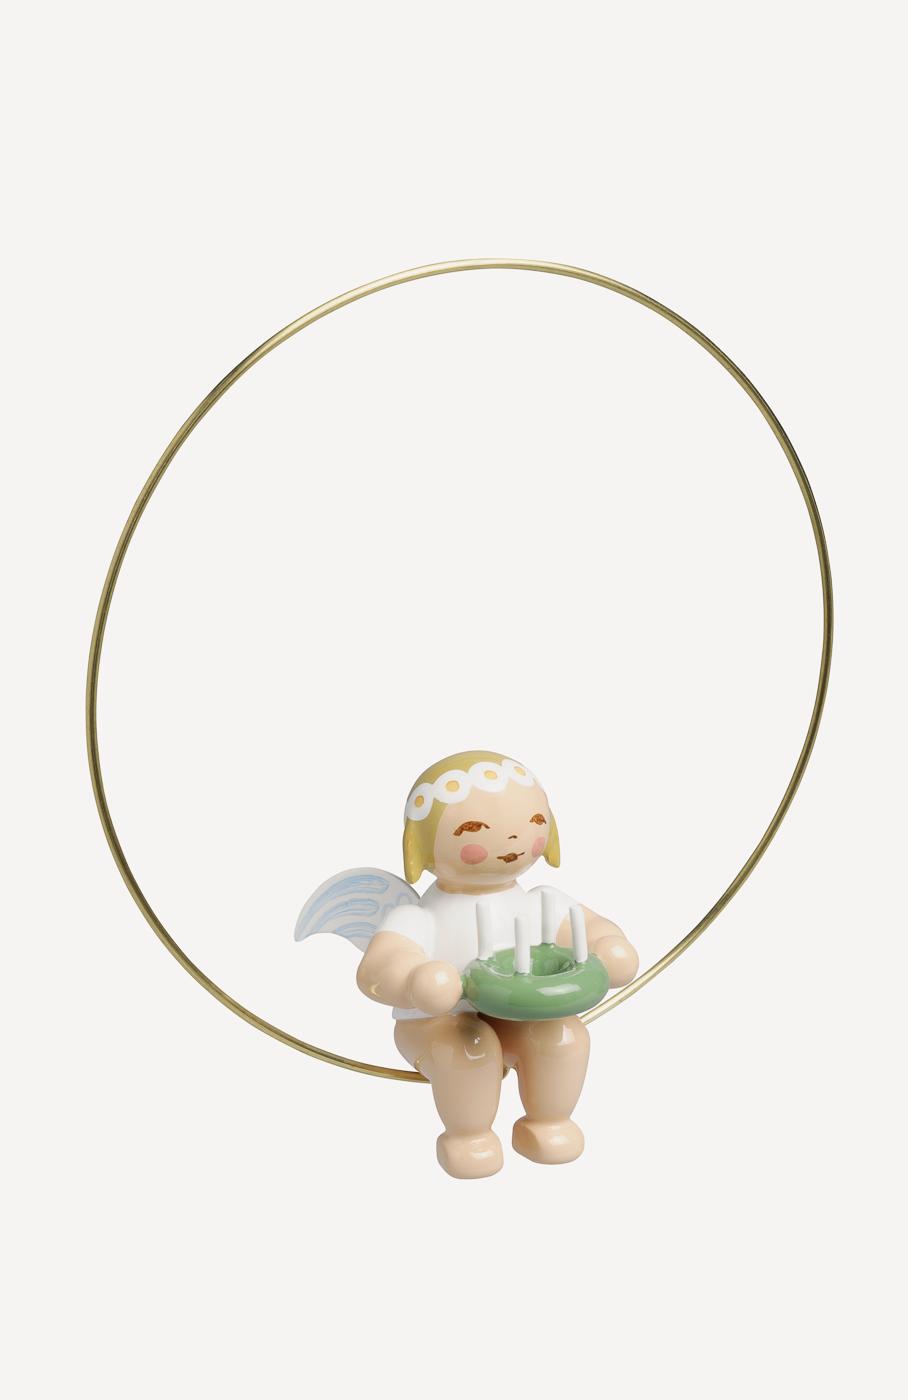 Christbaumengel im Ring, mit Kranz